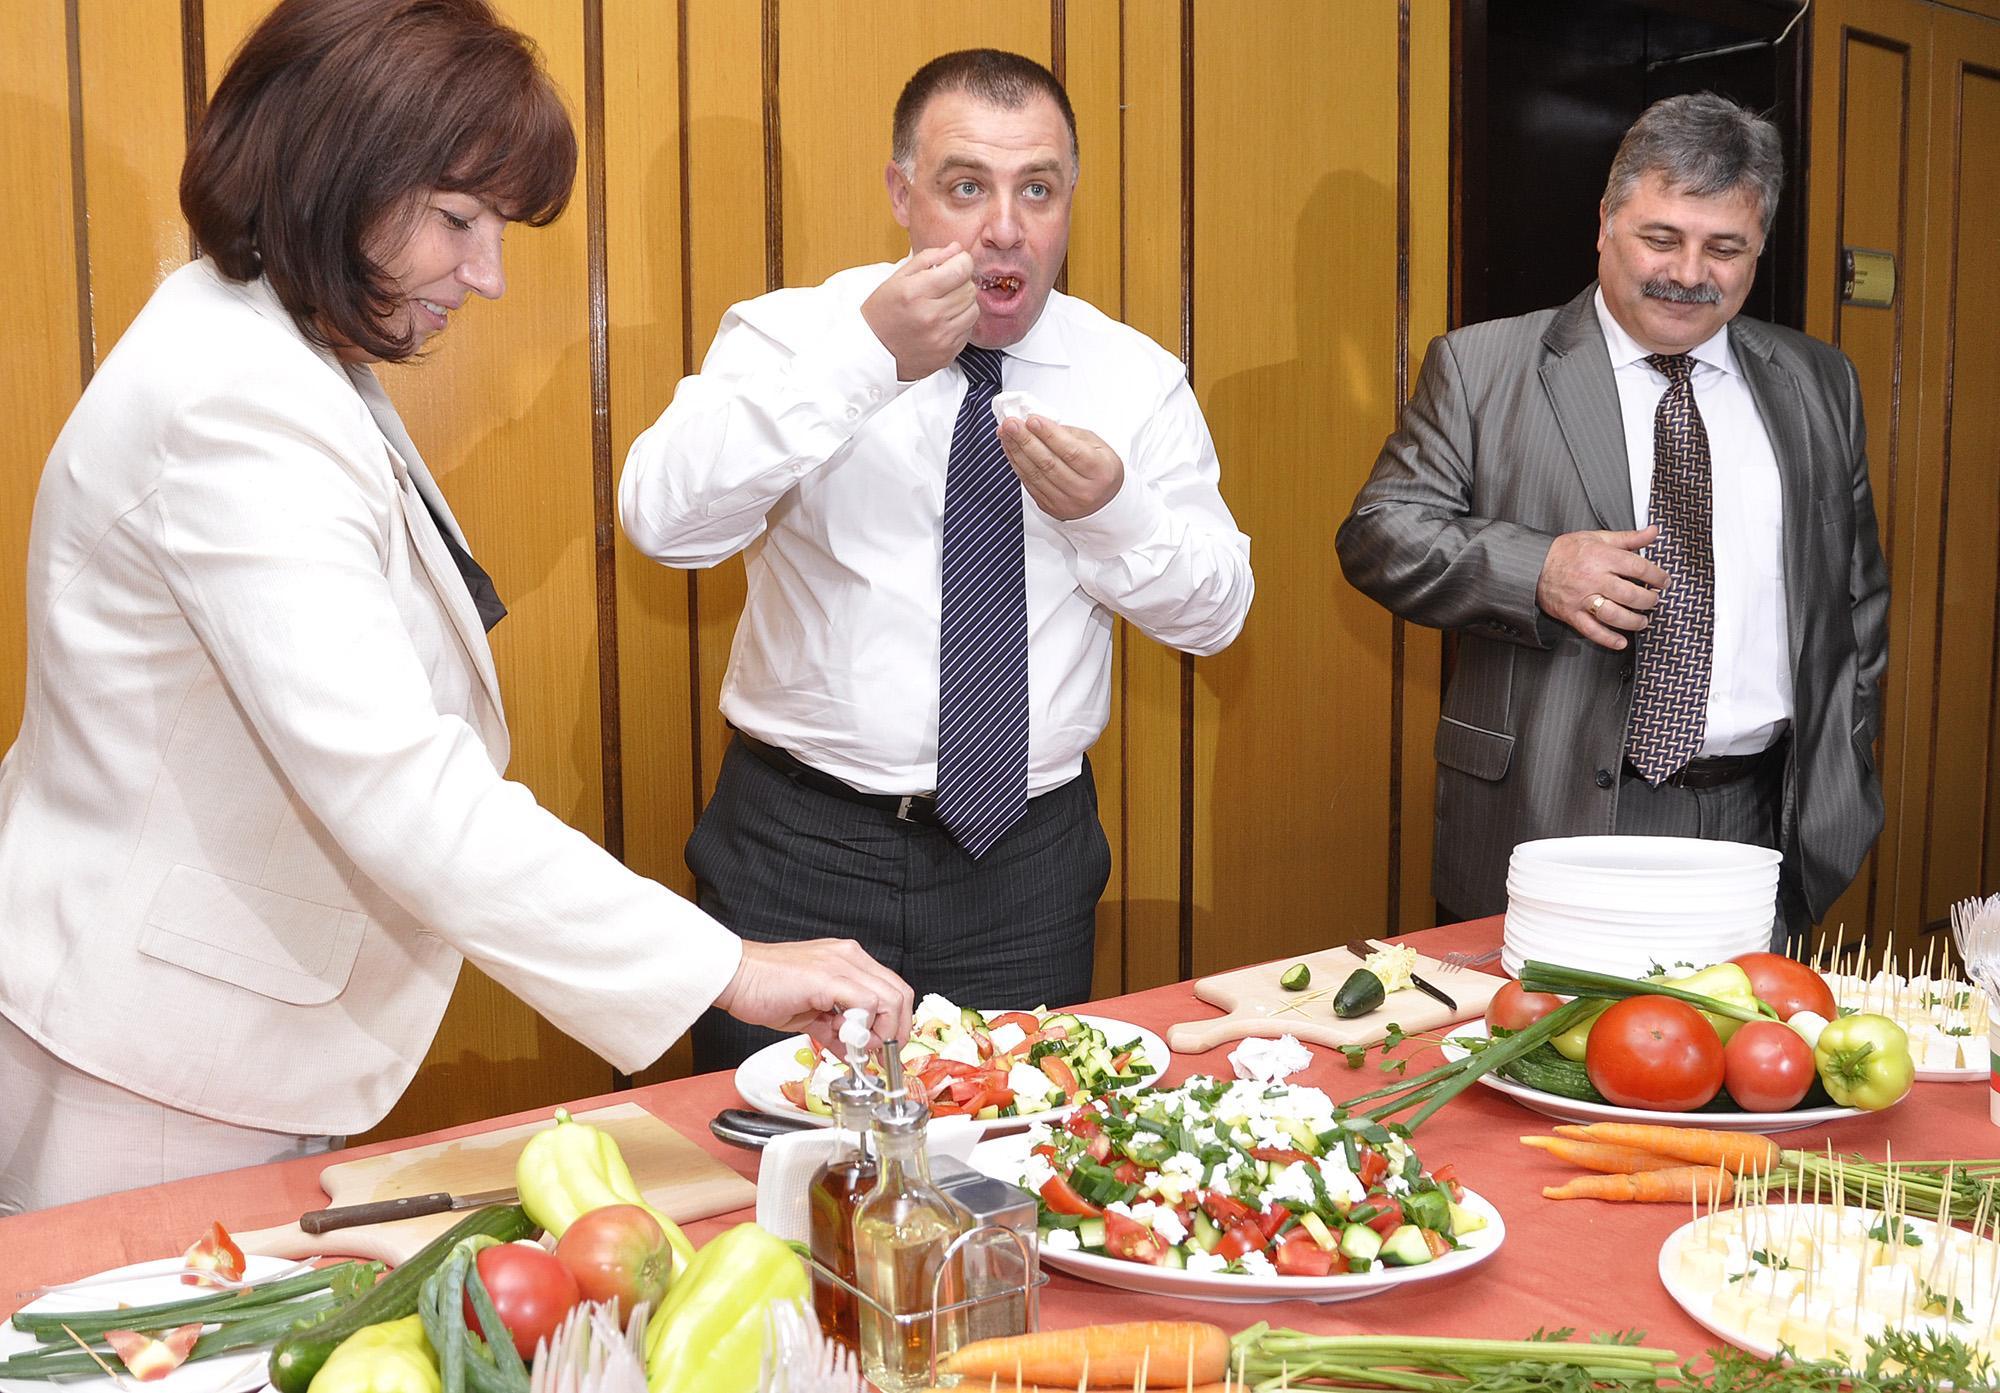 Проучване: Шопската салата е най-предпочитана от европейците